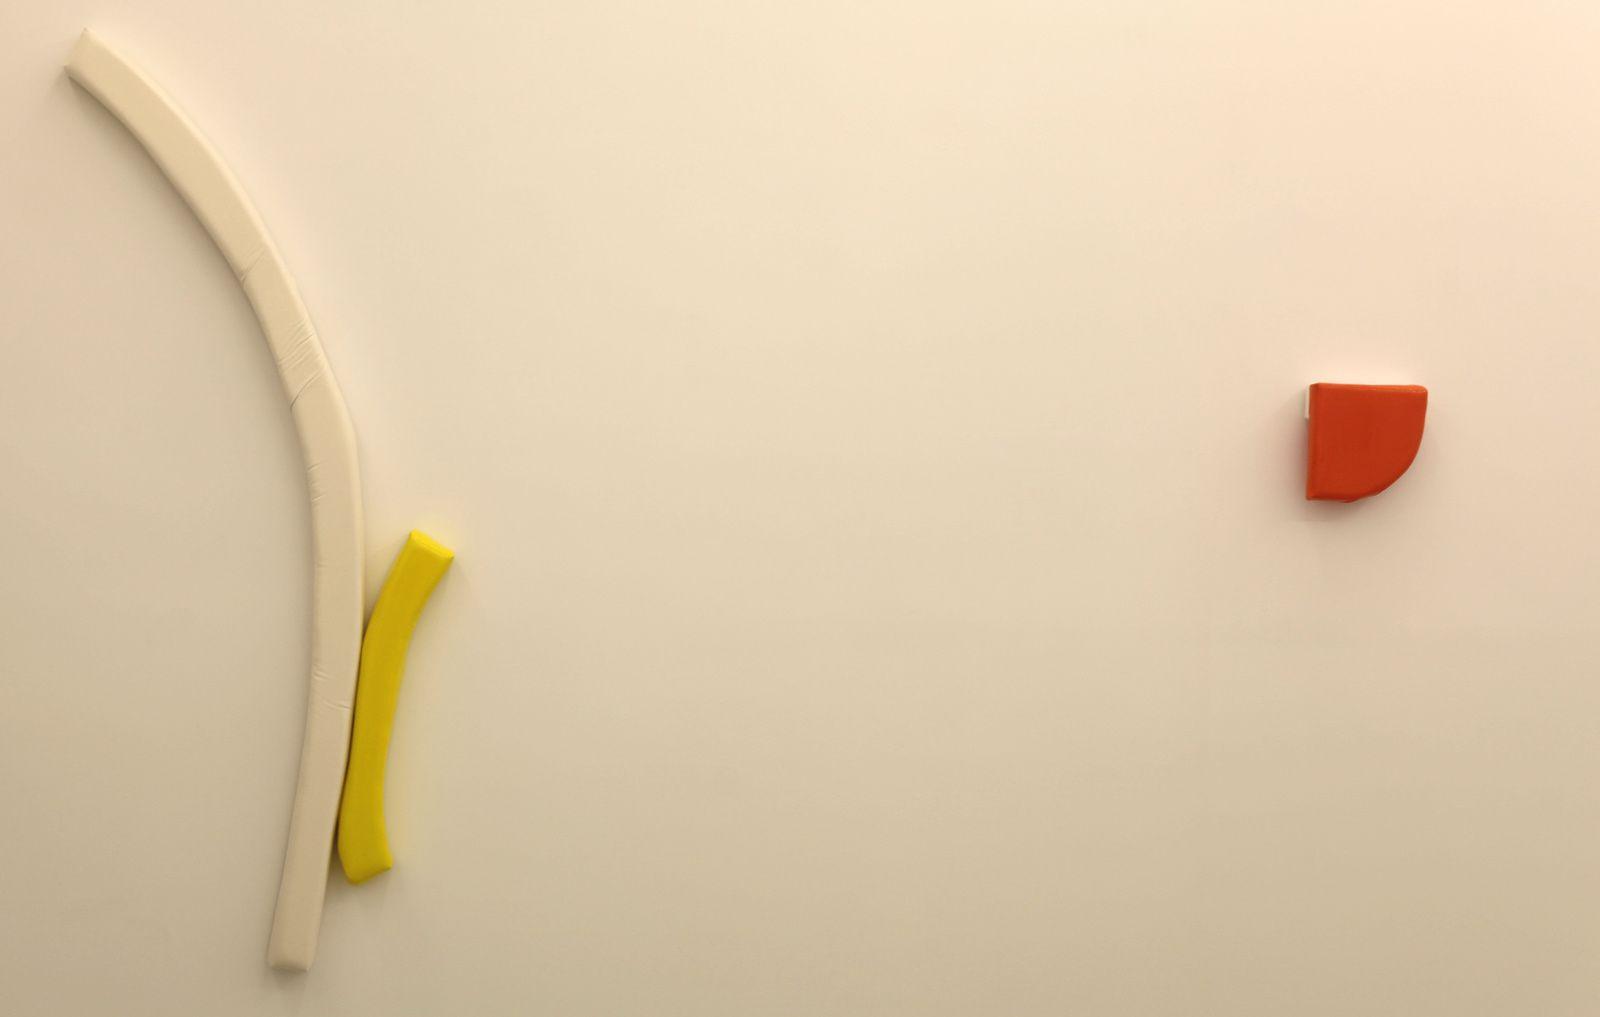 """""""Pull"""" et """"Blossom"""", 2015 de Justin Adian  - Courtesy Galerie Almine Rech Paris  © Photo Éric Simon"""